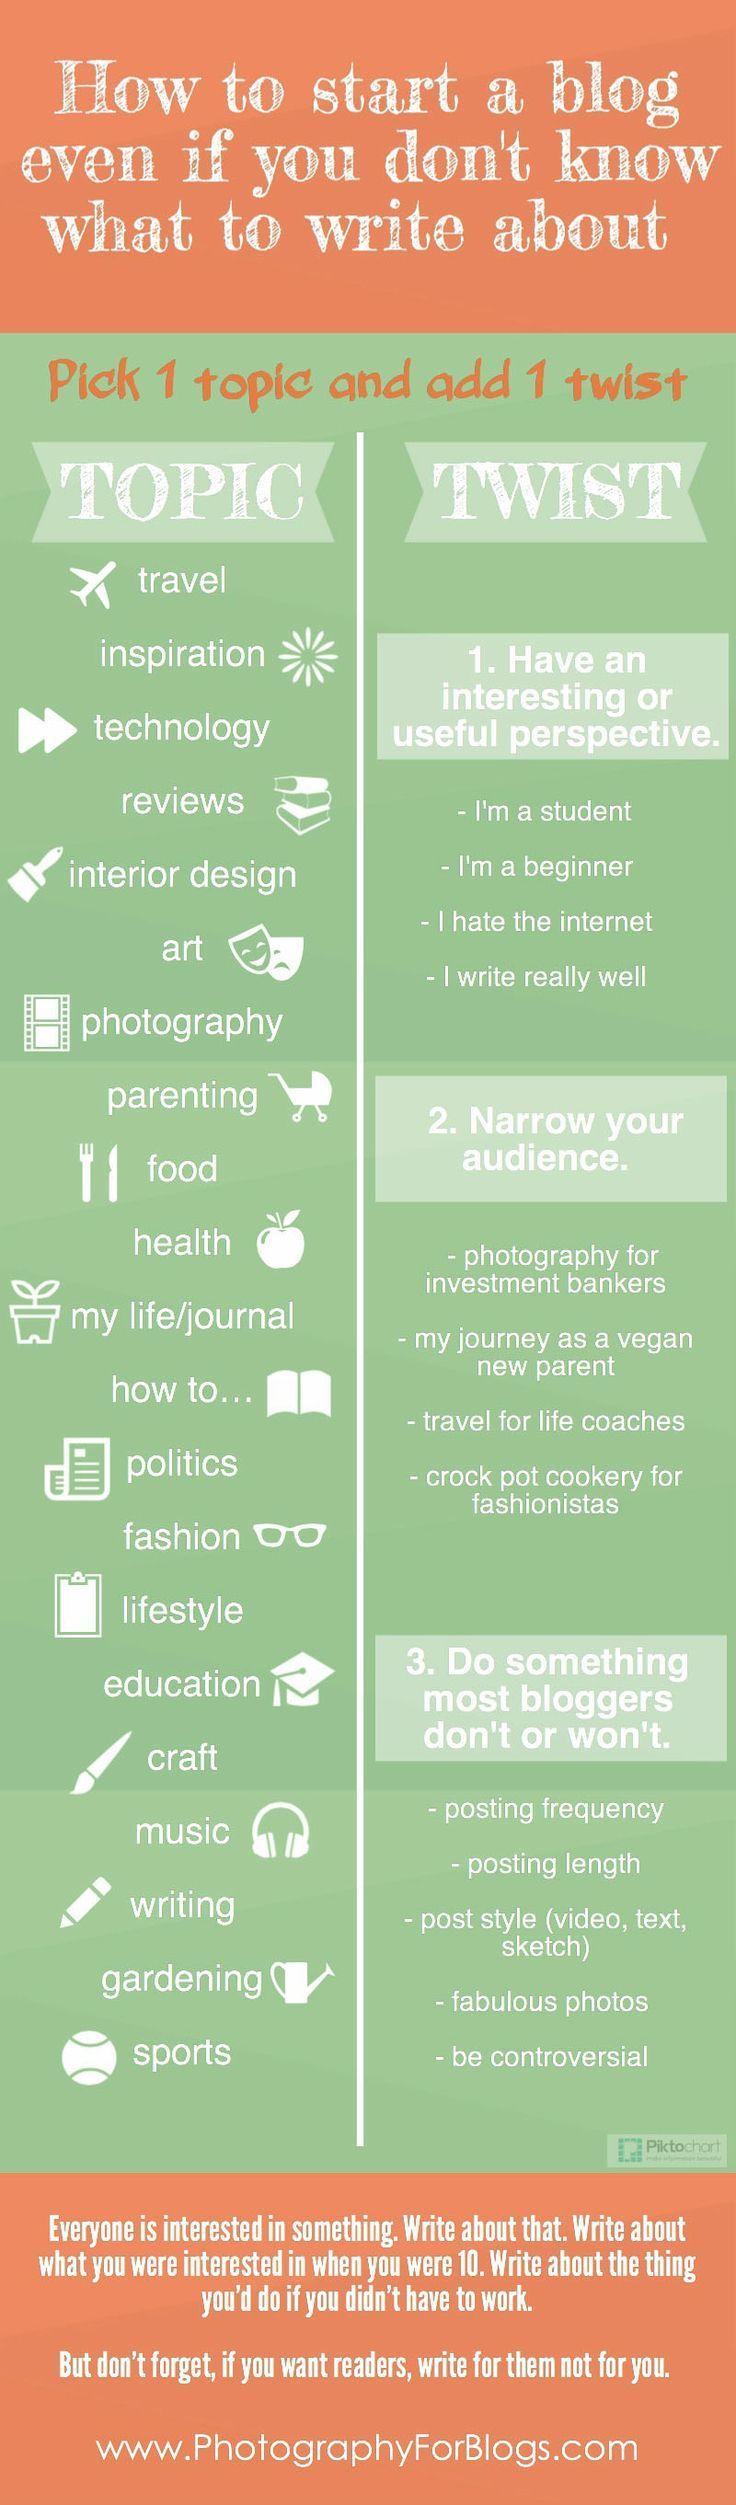 1574 best Blogger images on Pinterest | Blog tips, Blogging and ...